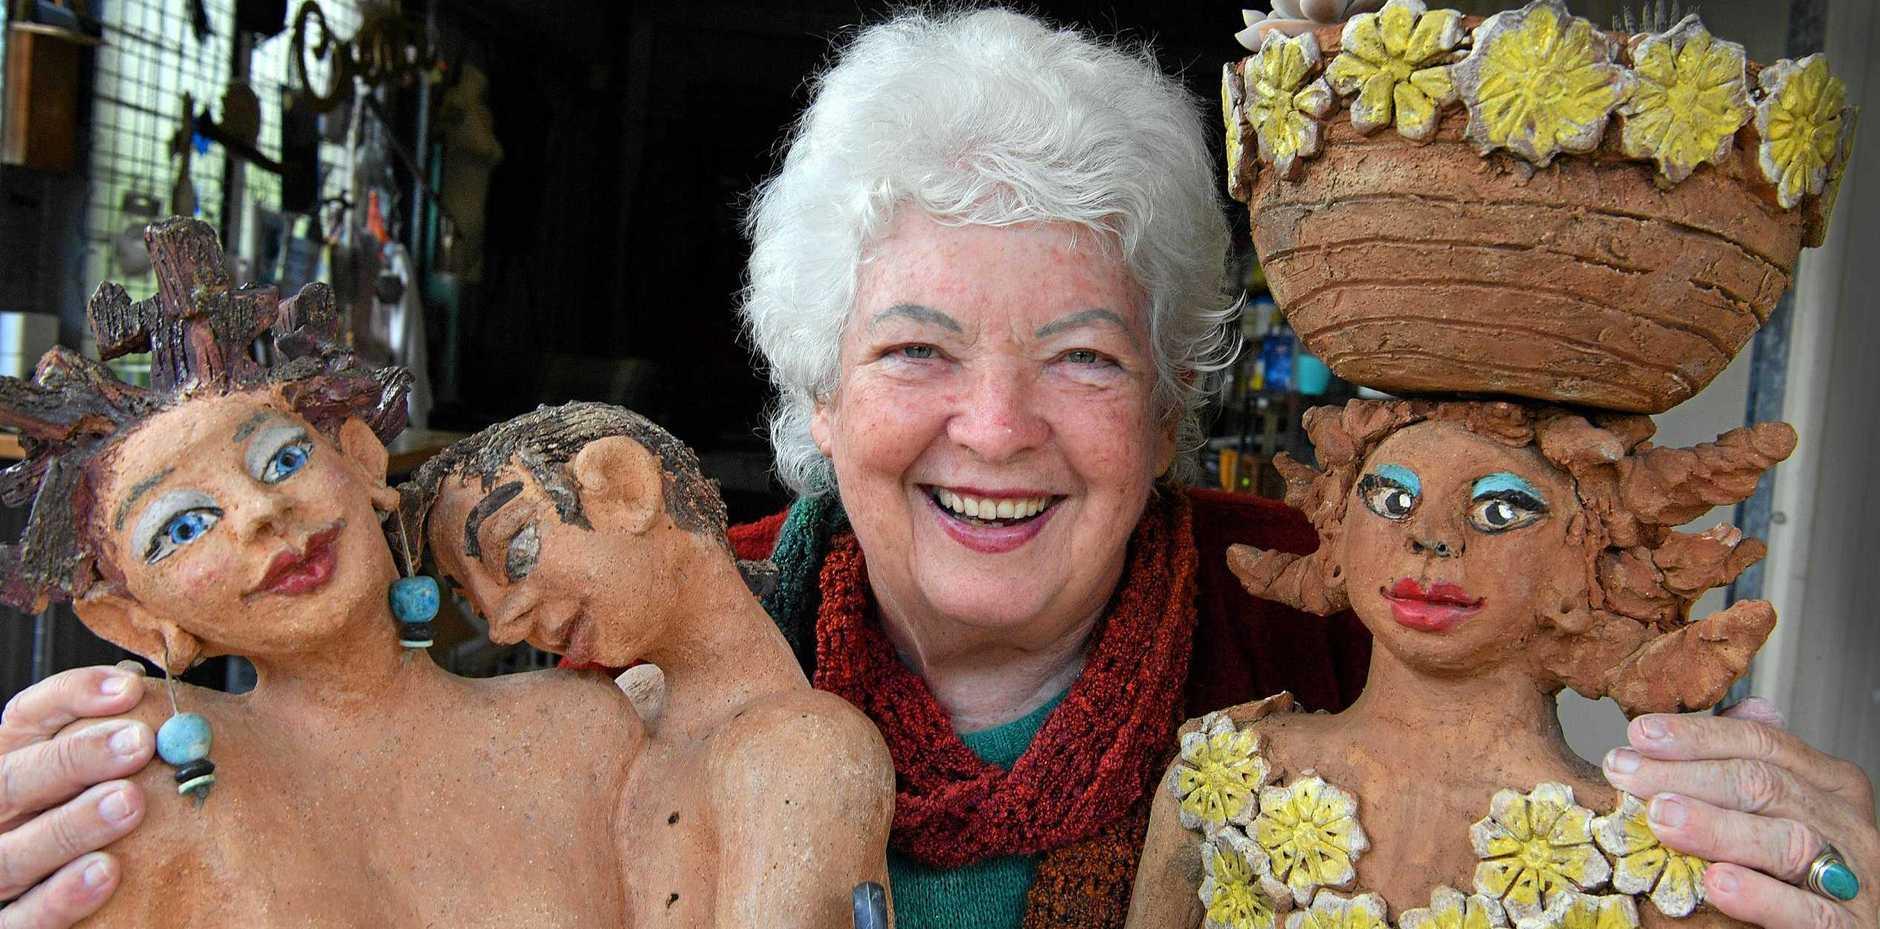 POTTER FOREVER: Carole Parsons won't let Parkinson's stop her.